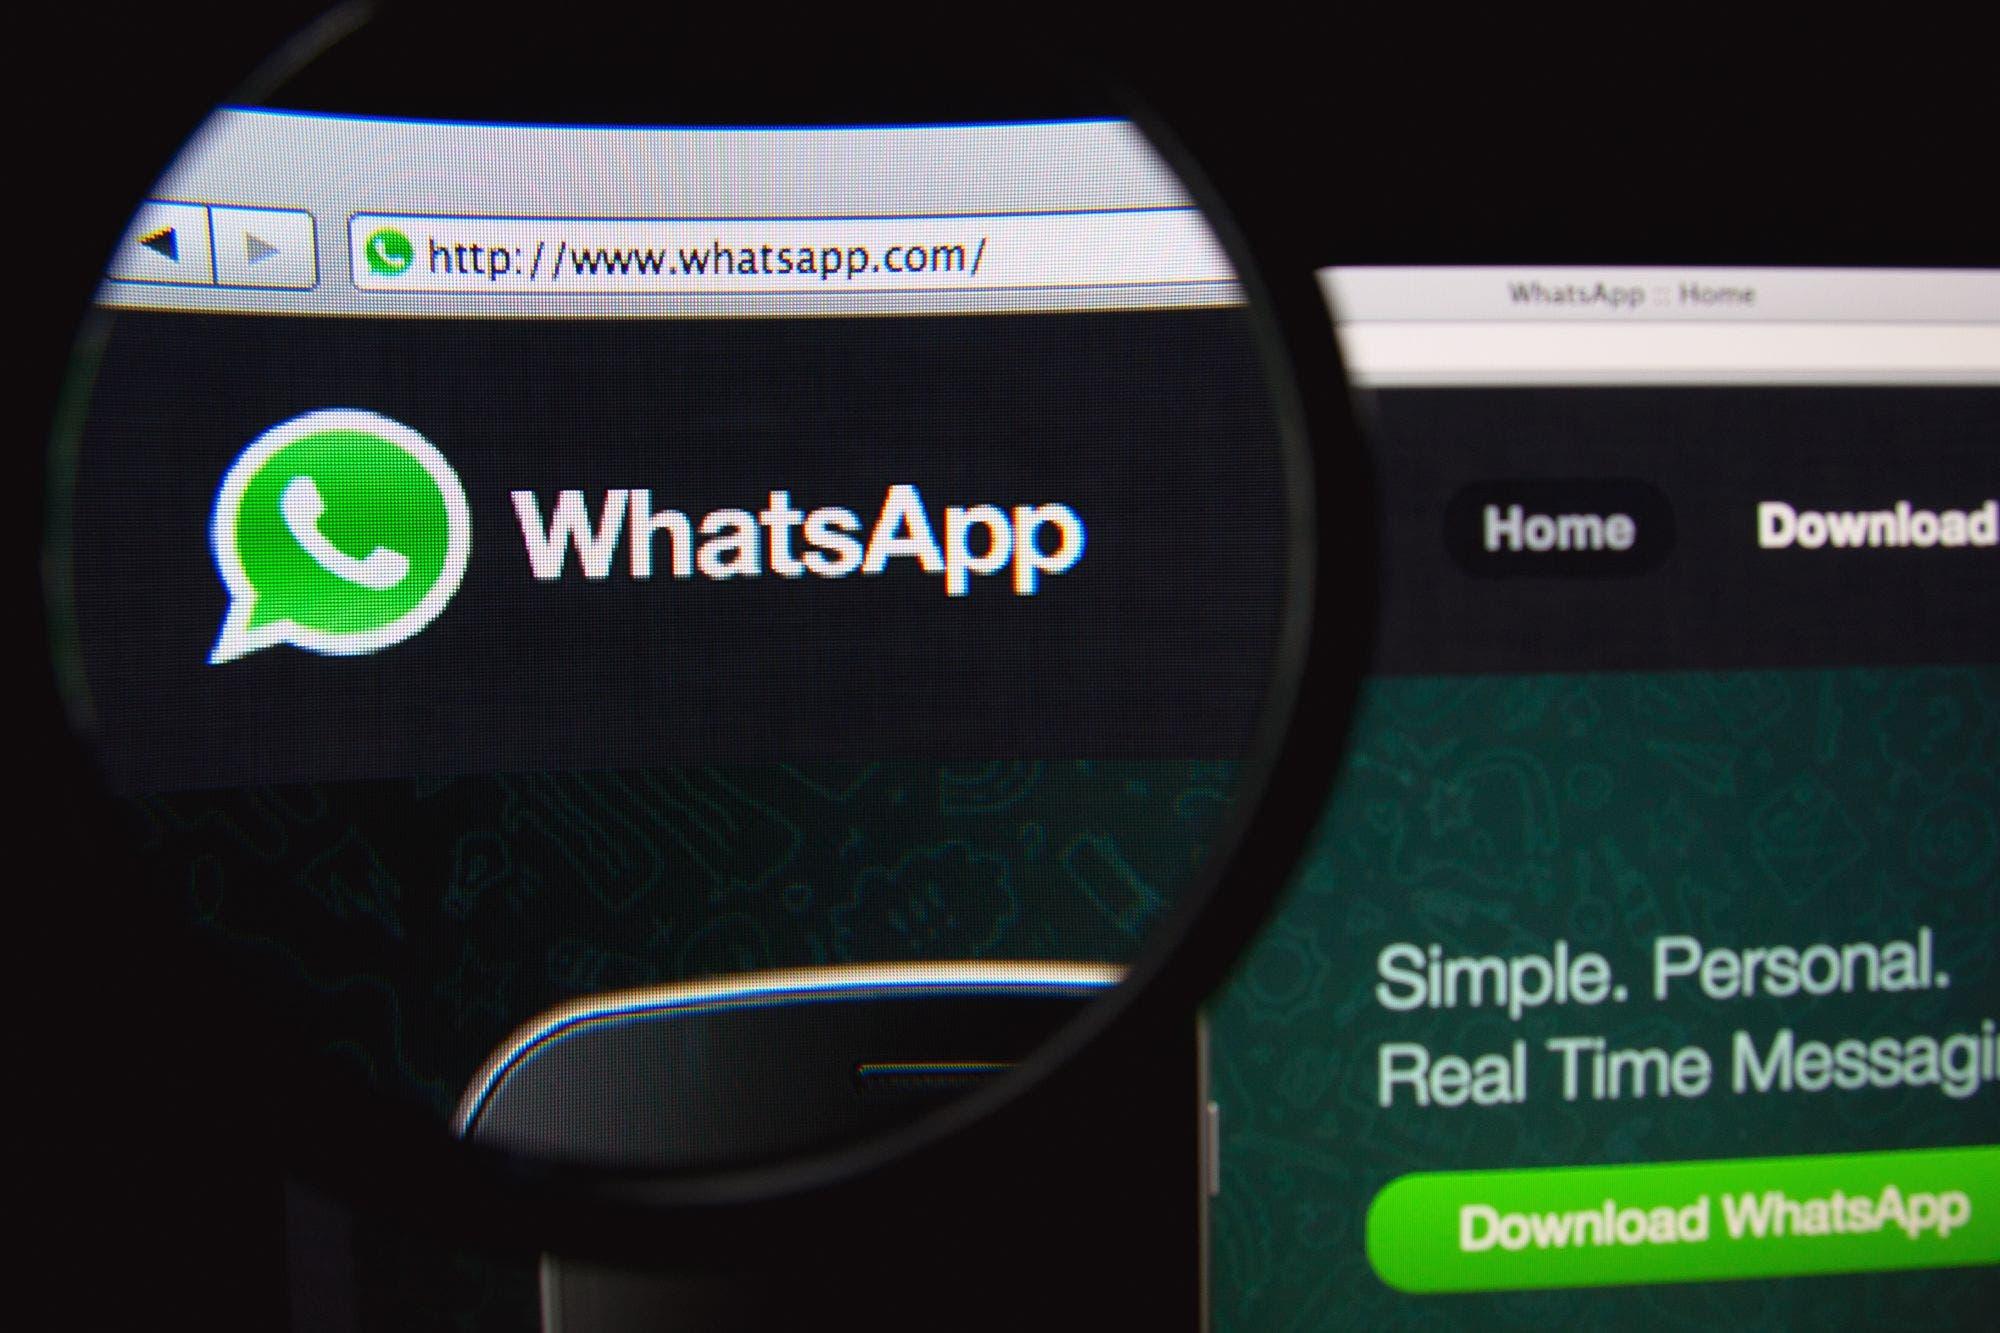 """WhatsApp filtra miles de números de teléfono de usuarios en Google por la función """"clic para chatear"""""""